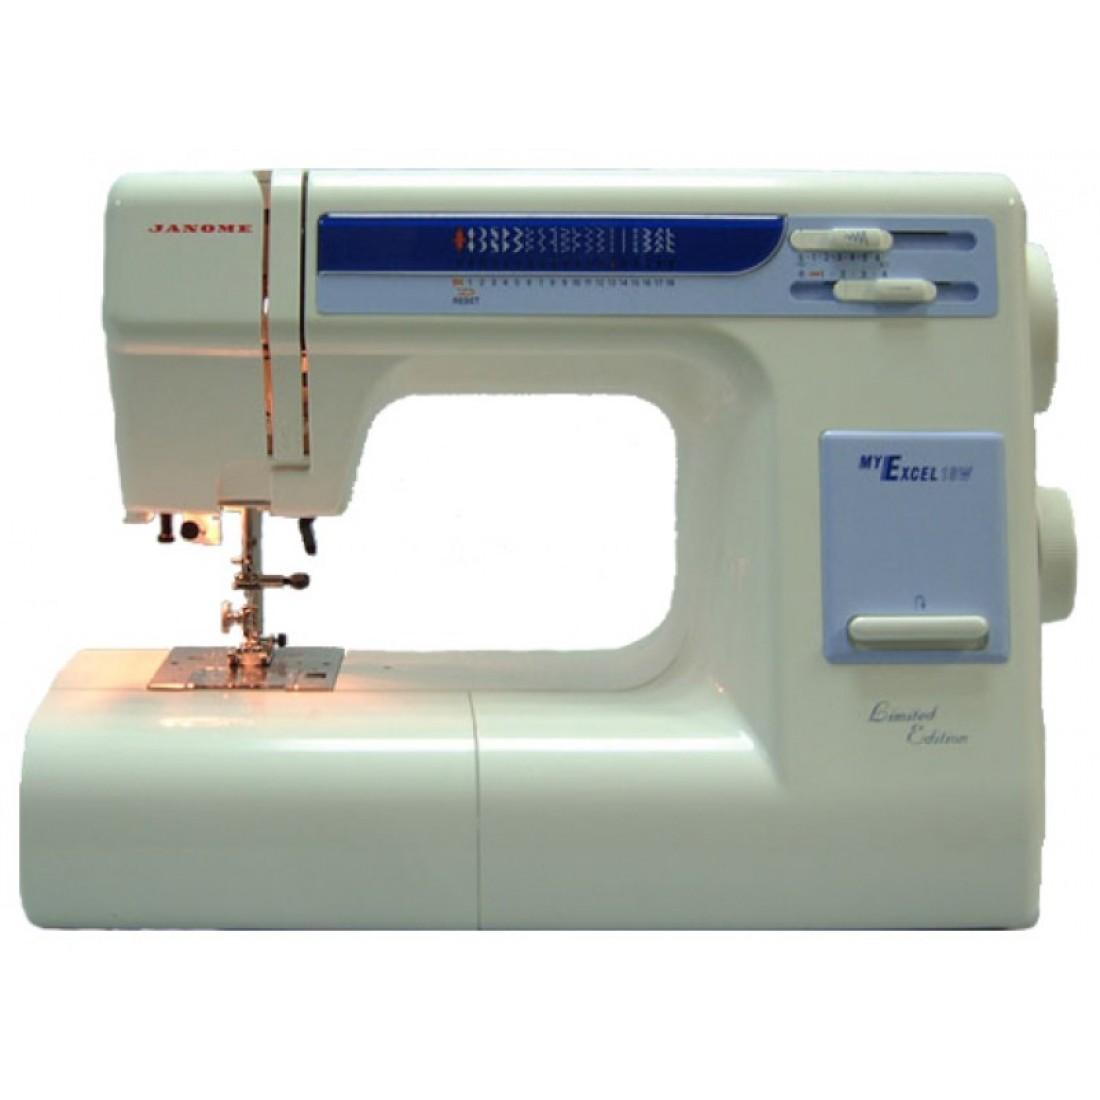 швейная машинка зингер самба 70 инструкция